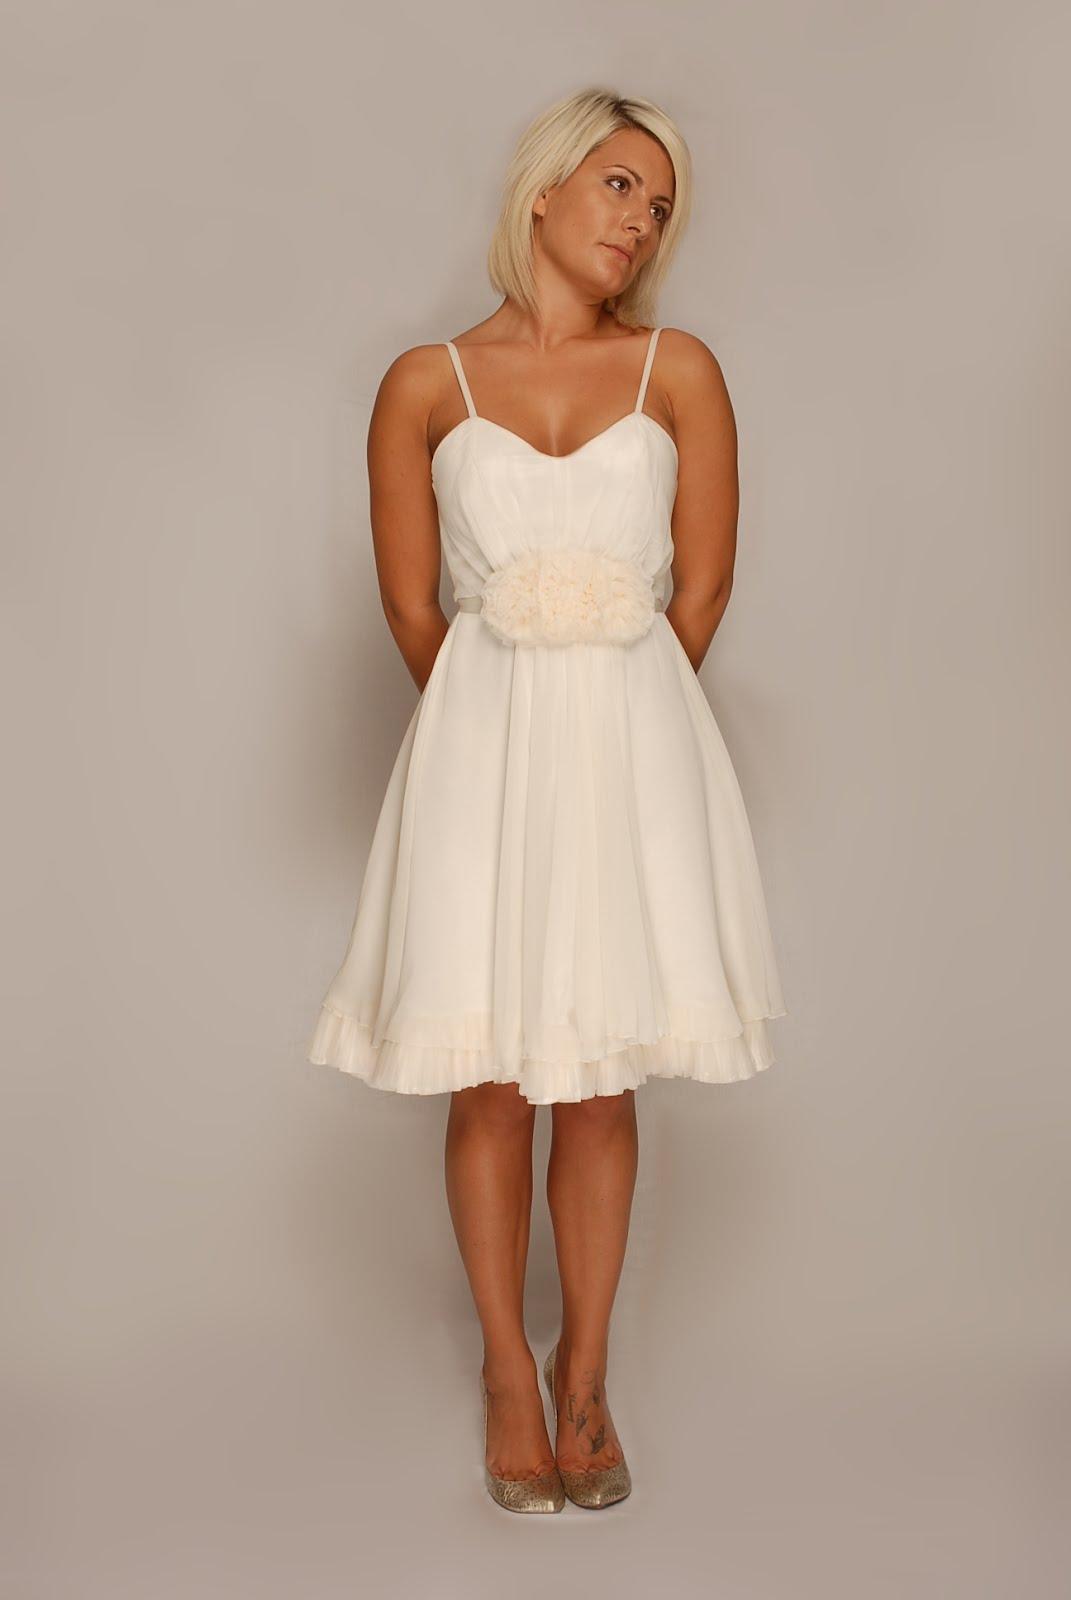 Wedding Dresses For Women Over 40